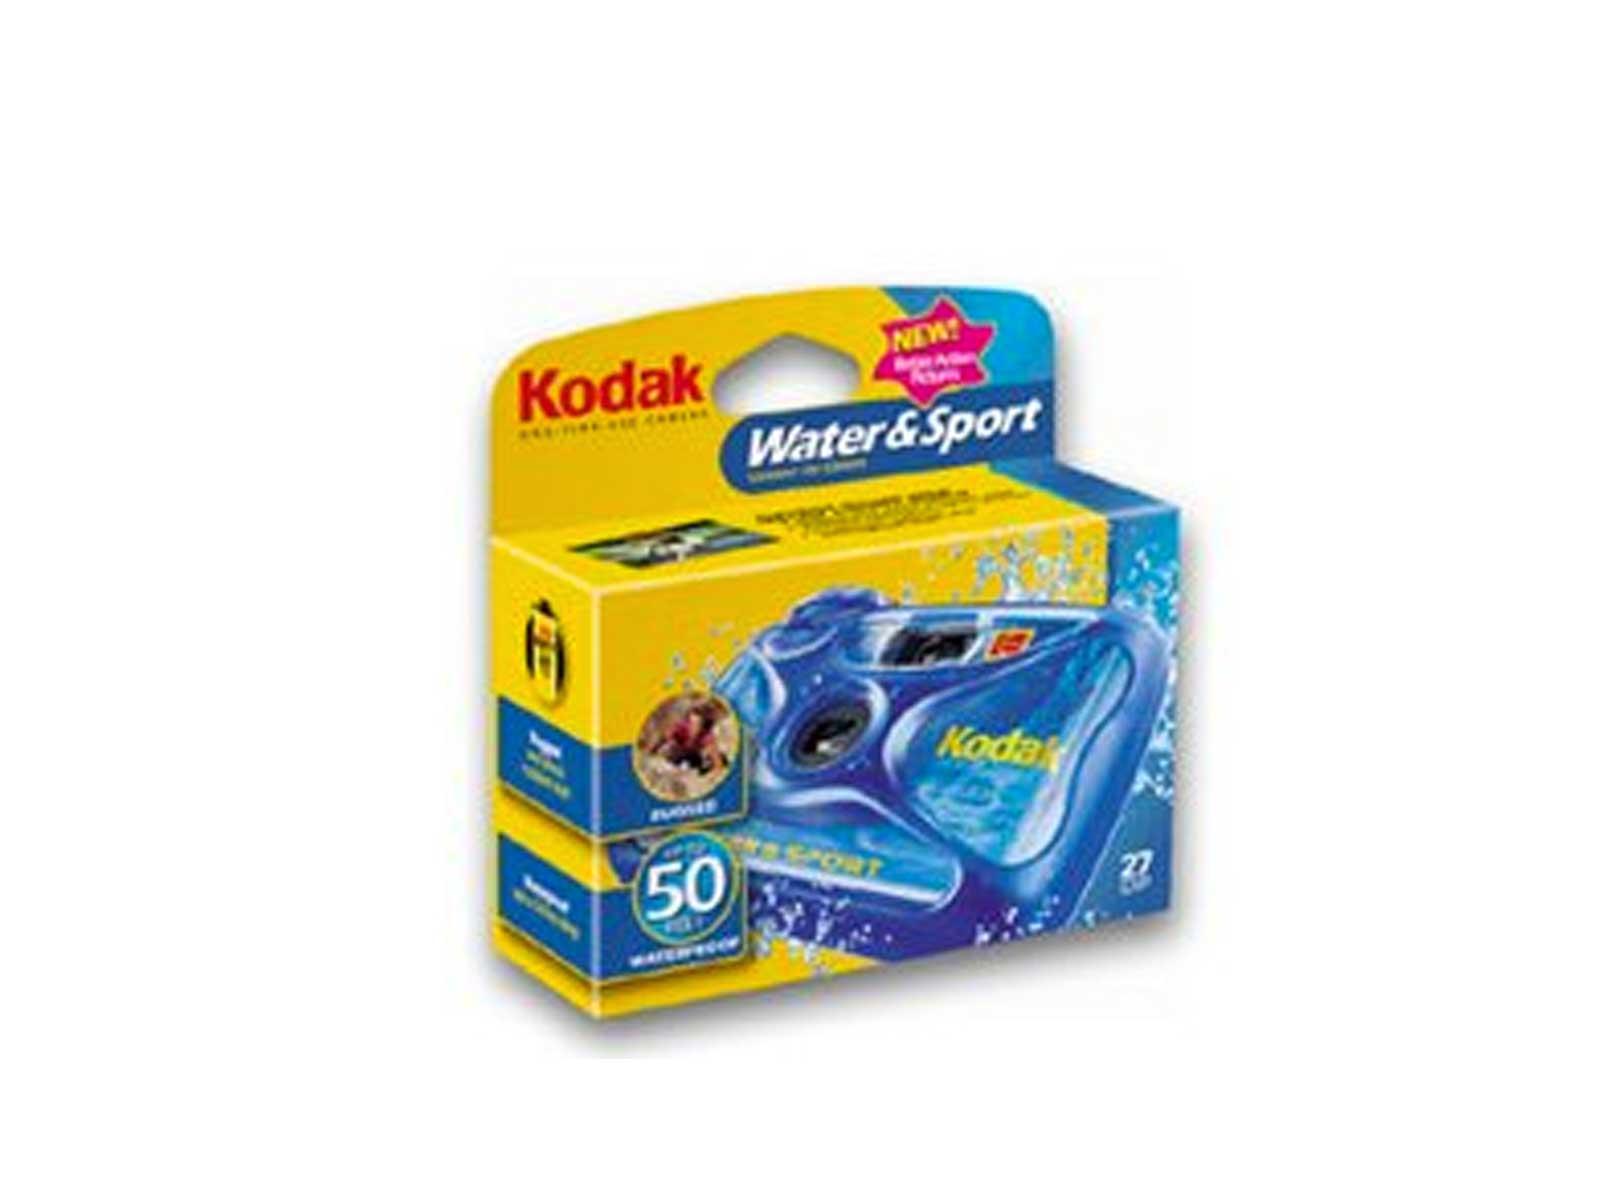 Kodak underwater camera